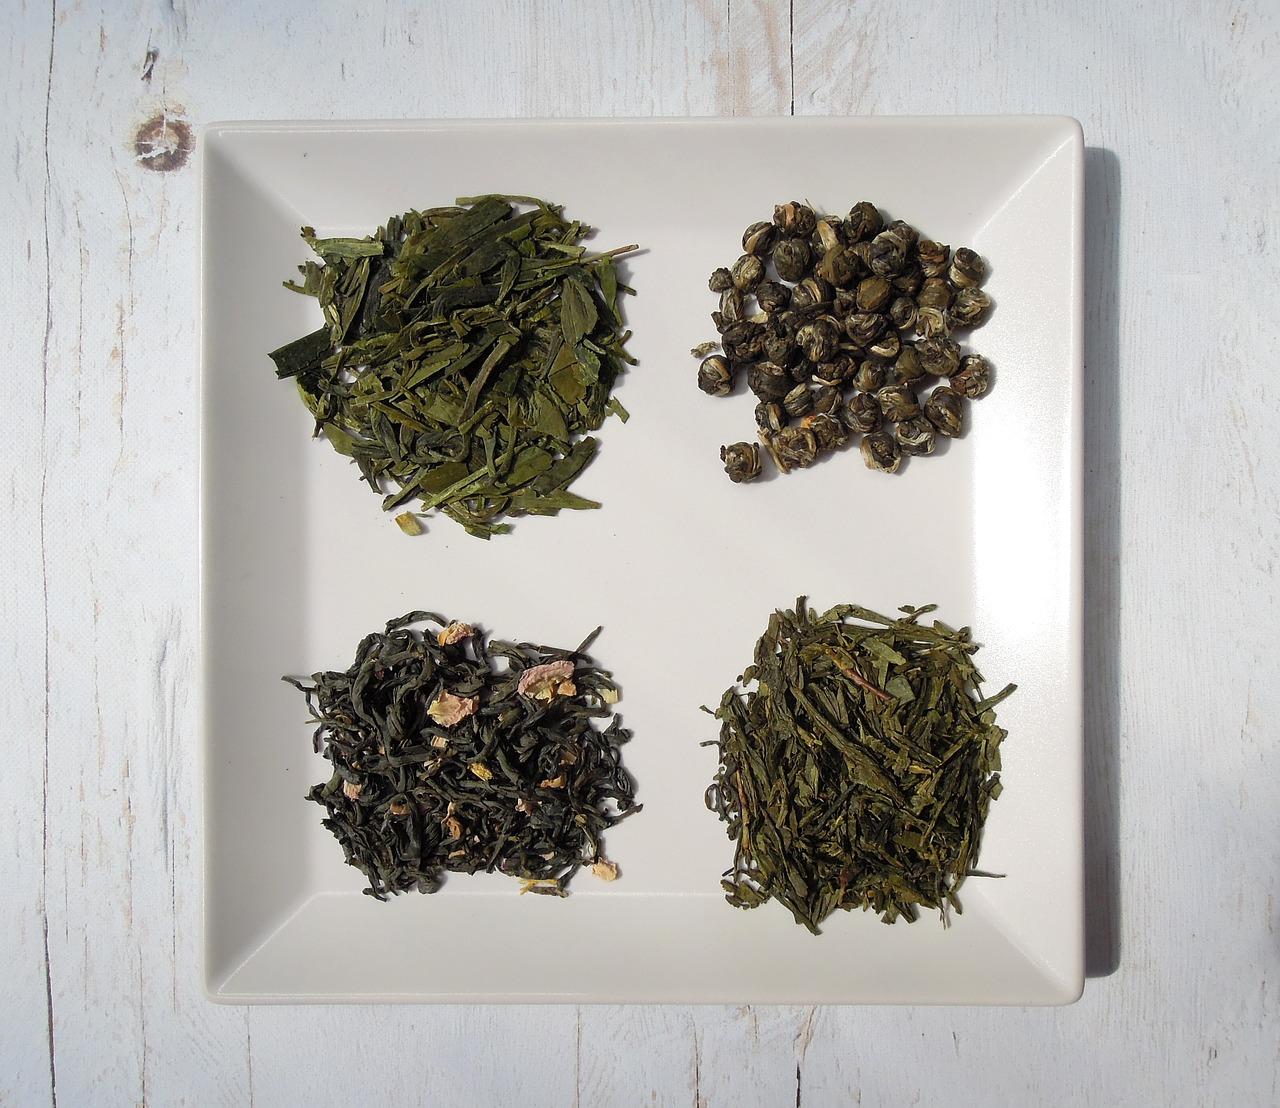 緑茶を水出ししたらこんな効能がある! 何故睡眠がとれるの?